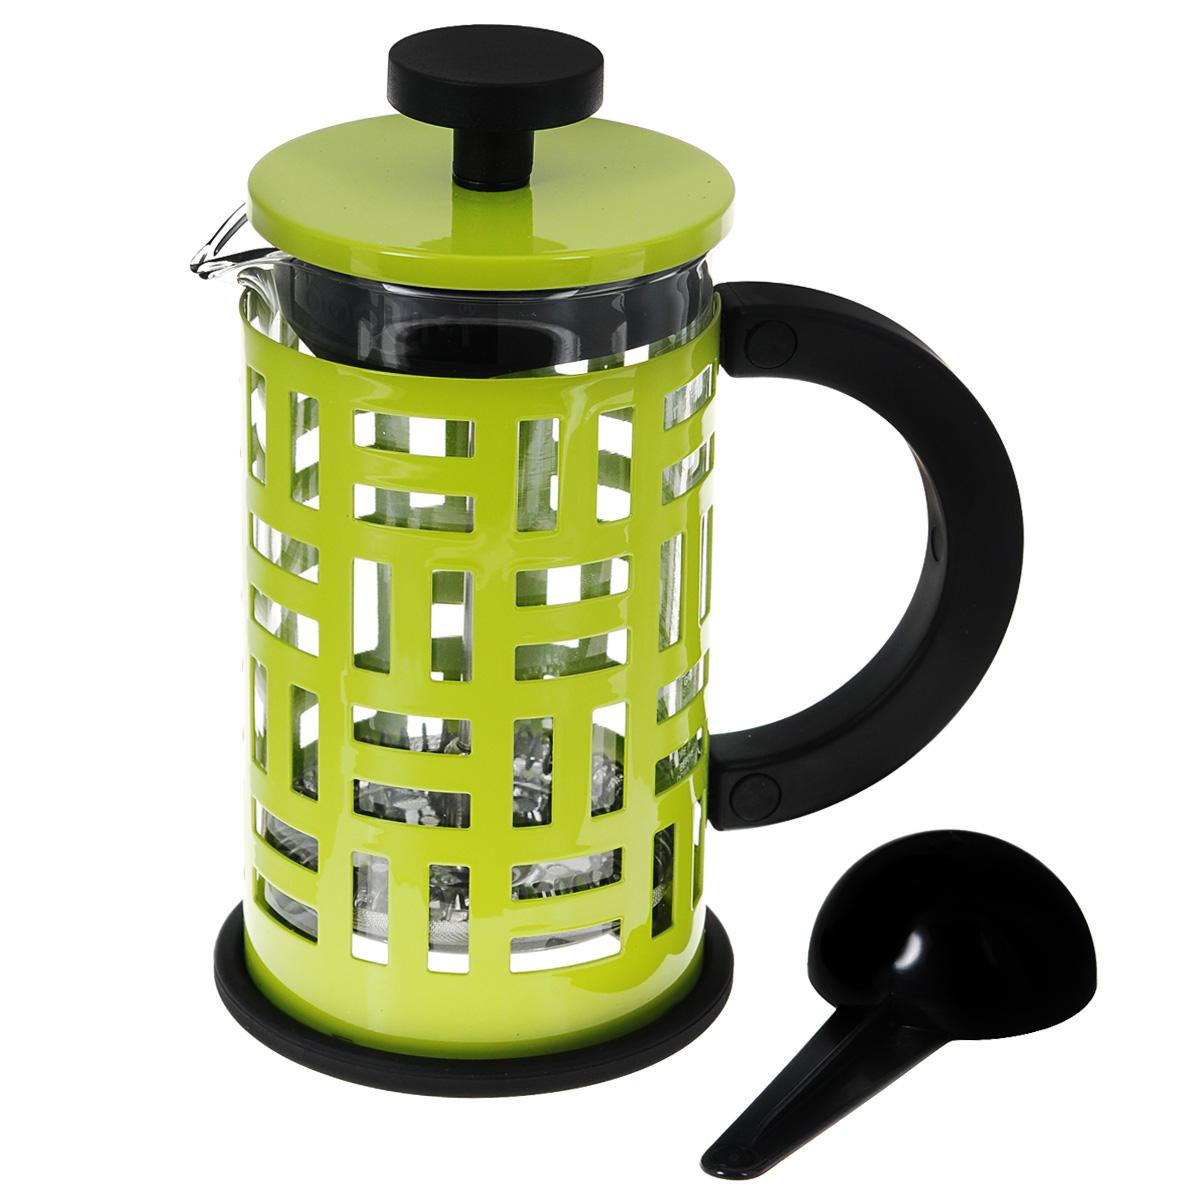 Кофейник Bodum Eileen с прессом, с ложечкой, цвет: зеленый, 0,35 л11198-Кофейник Bodum Eileen представляет собой колбу из термостойкого стекла в цельной оправе из окрашенной нержавеющей стали. Оправа защищает хрупкую колбу от толчков и ударов. Кофейник оснащен стальным фильтром french press, который позволяет легко и просто приготовить отличный напиток. Ненагревающаяся ручка кофейника выполнена из пластика. В комплекте небольшая мерная ложечка из черного пластика. Благодаря такому кофейнику приготовление вкуснейшего ароматного и крепкого кофе займет всего пару минут. Профессиональная серия Eileen была задумана и создана в честь великого архитектора и дизайнера - Эйлин Грей (Eileen Gray). При создании серии были особо учтены соображения функционального удобства. Стильный внешний вид и практичность в использовании сделали Eileen чрезвычайно востребованной серией. Объем: 0,35 л. Диаметр кофейника по верхнему краю: 7 см. Высота стенки кофейника: 13,5 см. Длина ложечки: 10 см.